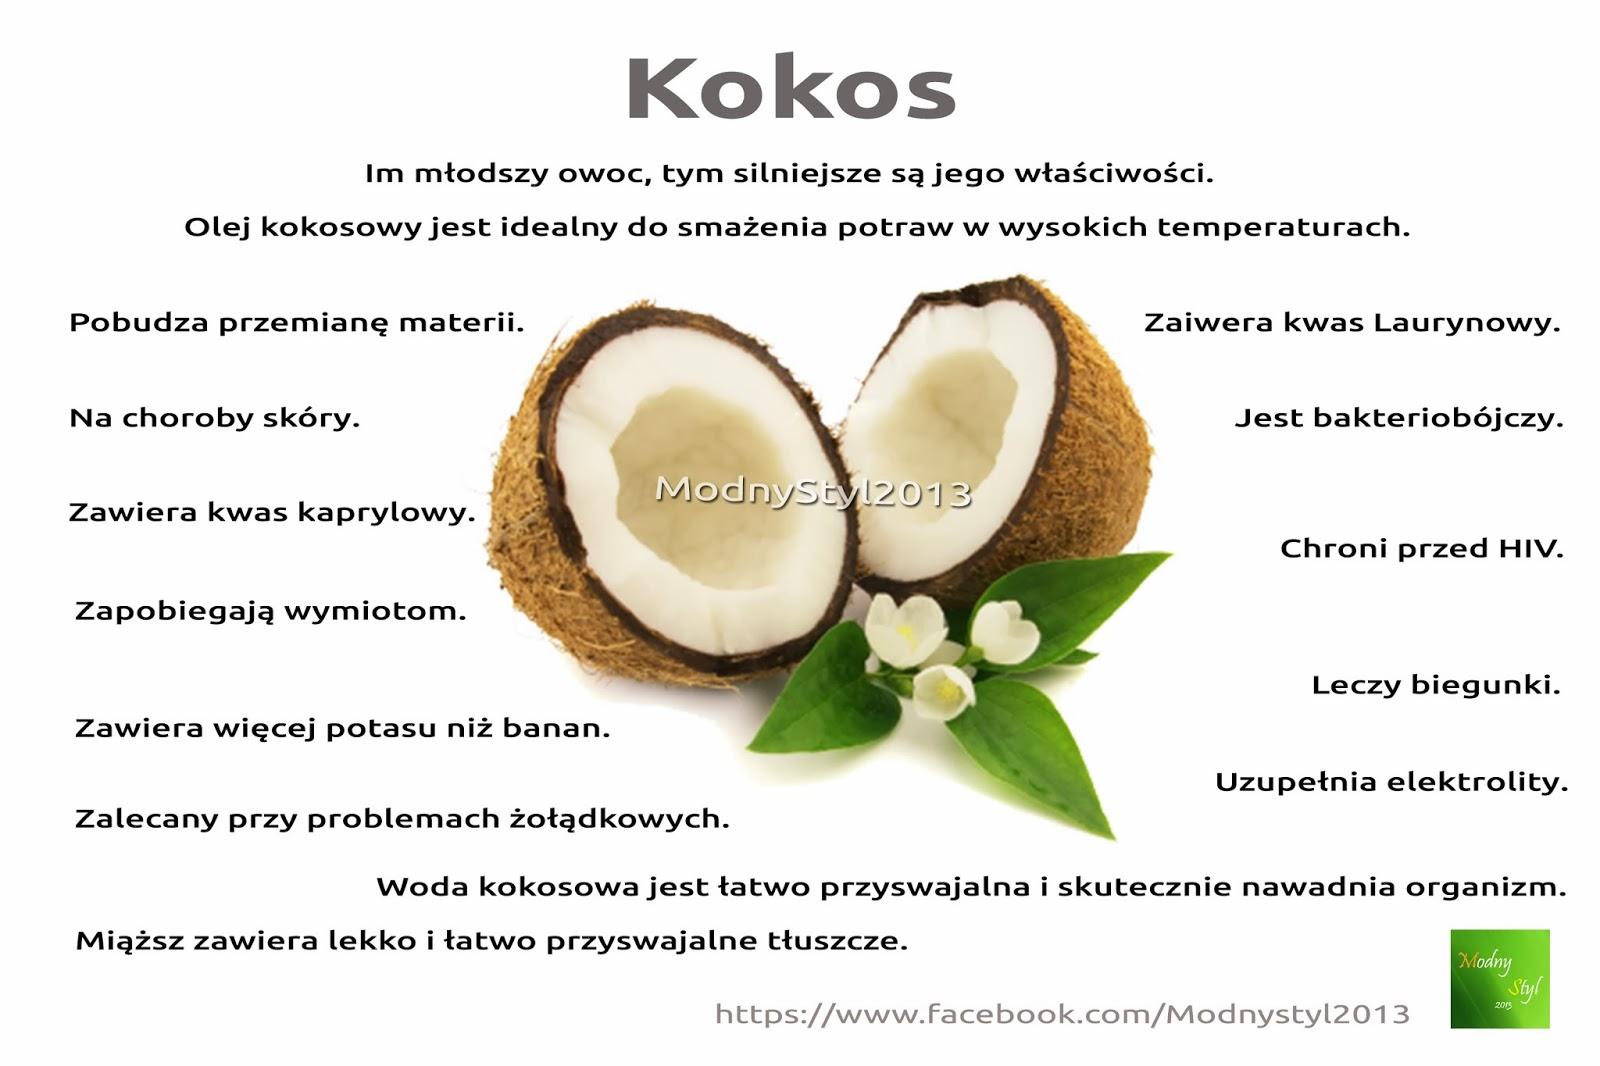 Cudowny kokos